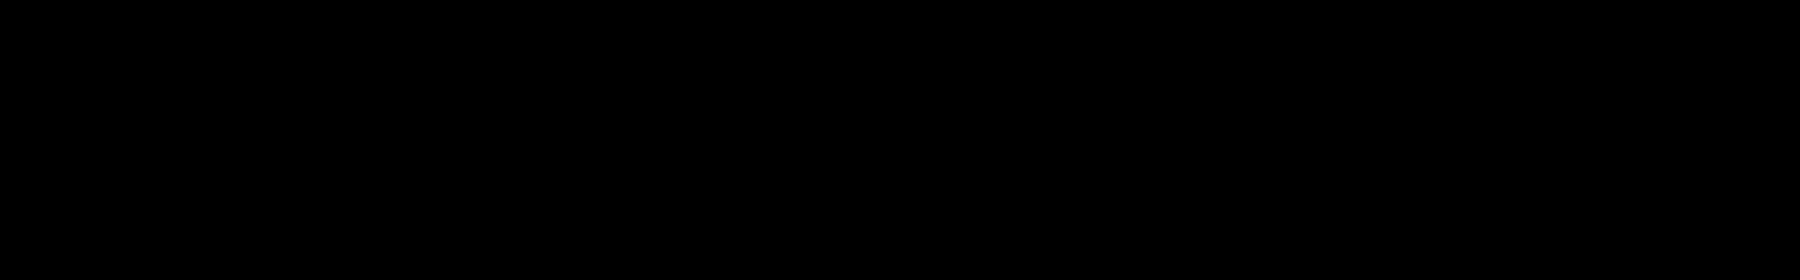 Sounds Of Hexagon audio waveform